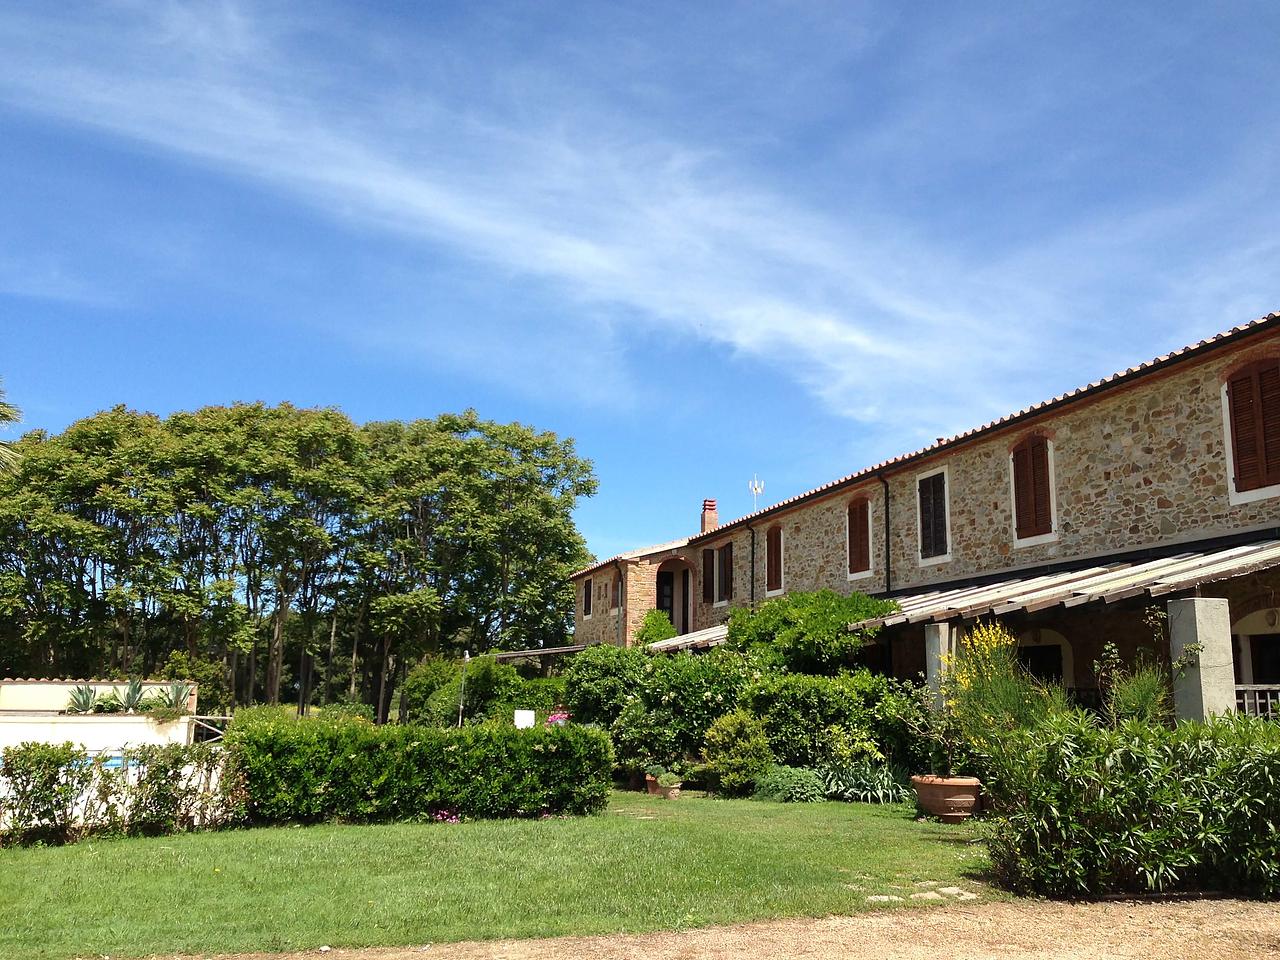 Appartamenti per vacanza in Toscana - Lo Stellino Country Resort